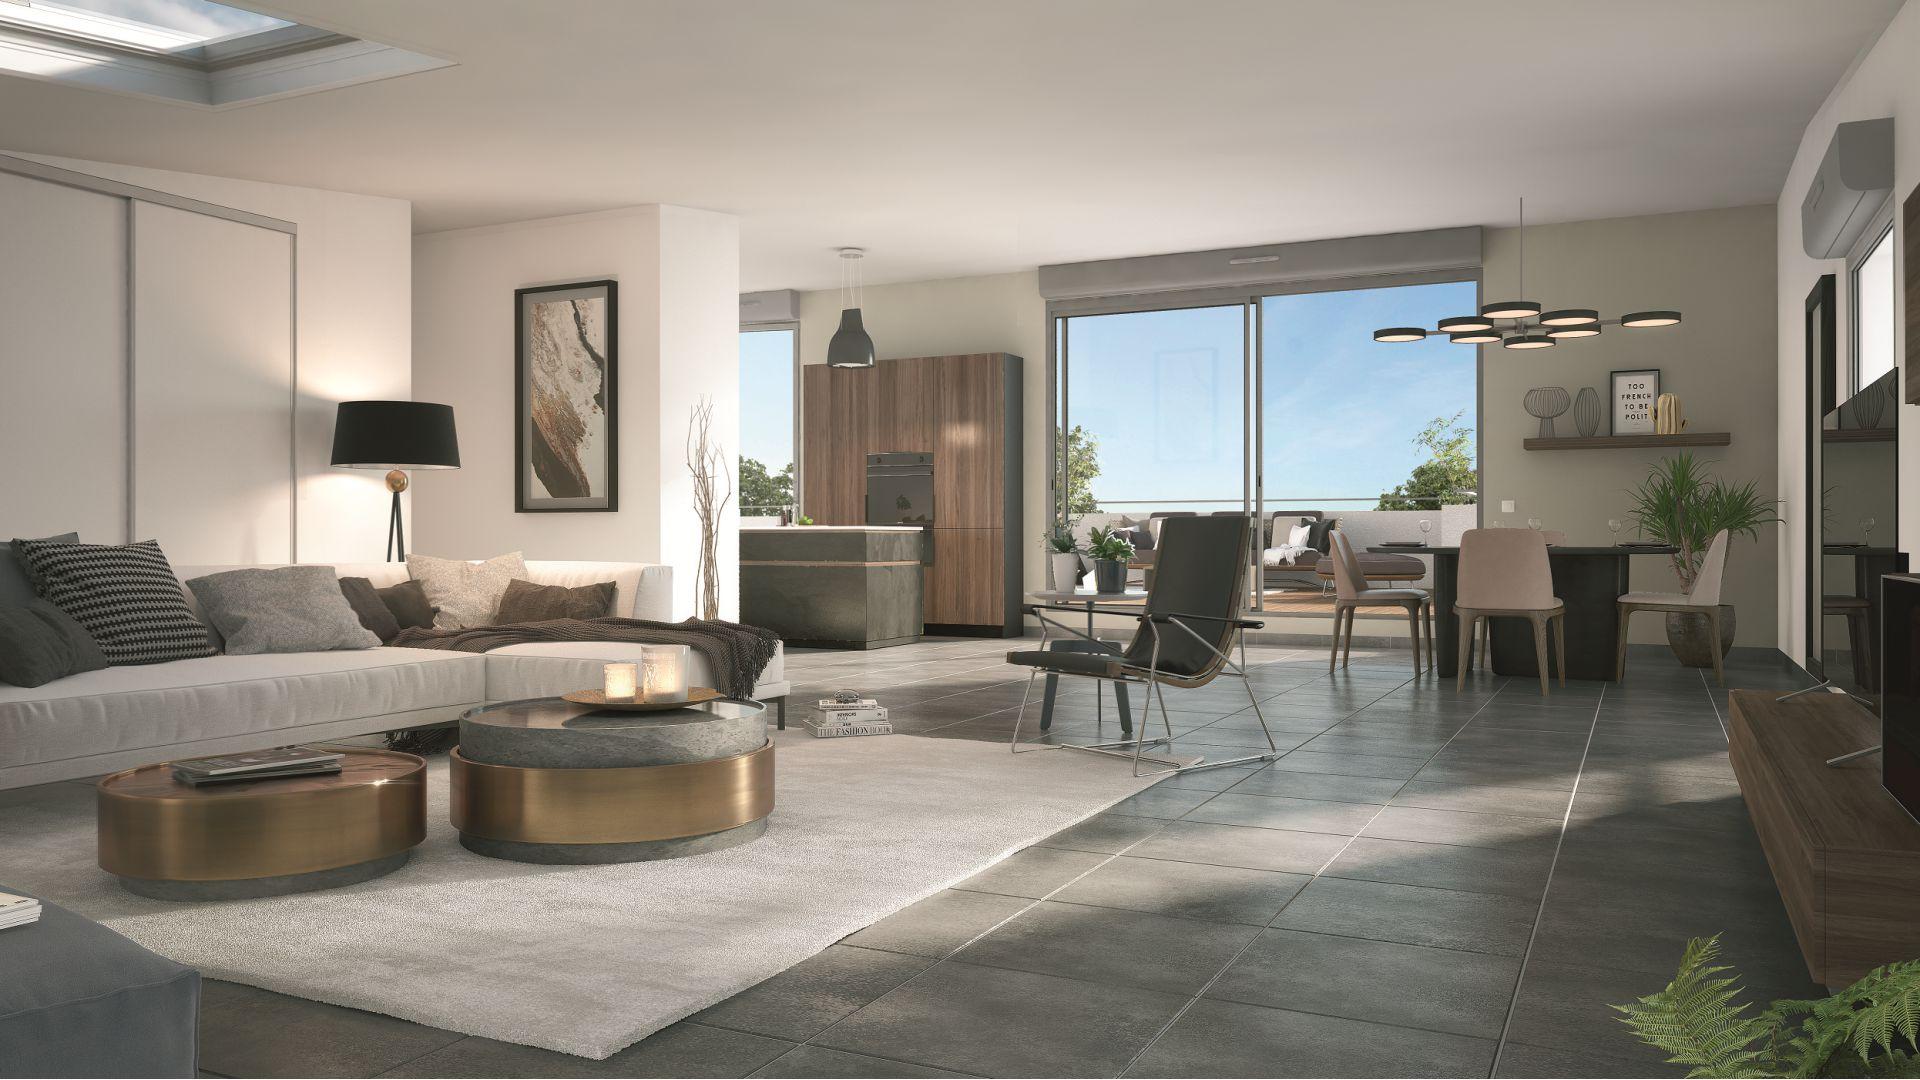 GreenCity immobilier - Toulouse Montaudran - rue rodier - GreenGarden 2 - appartement du T1 au T4 - accession prix maitrisés - vue intérieure